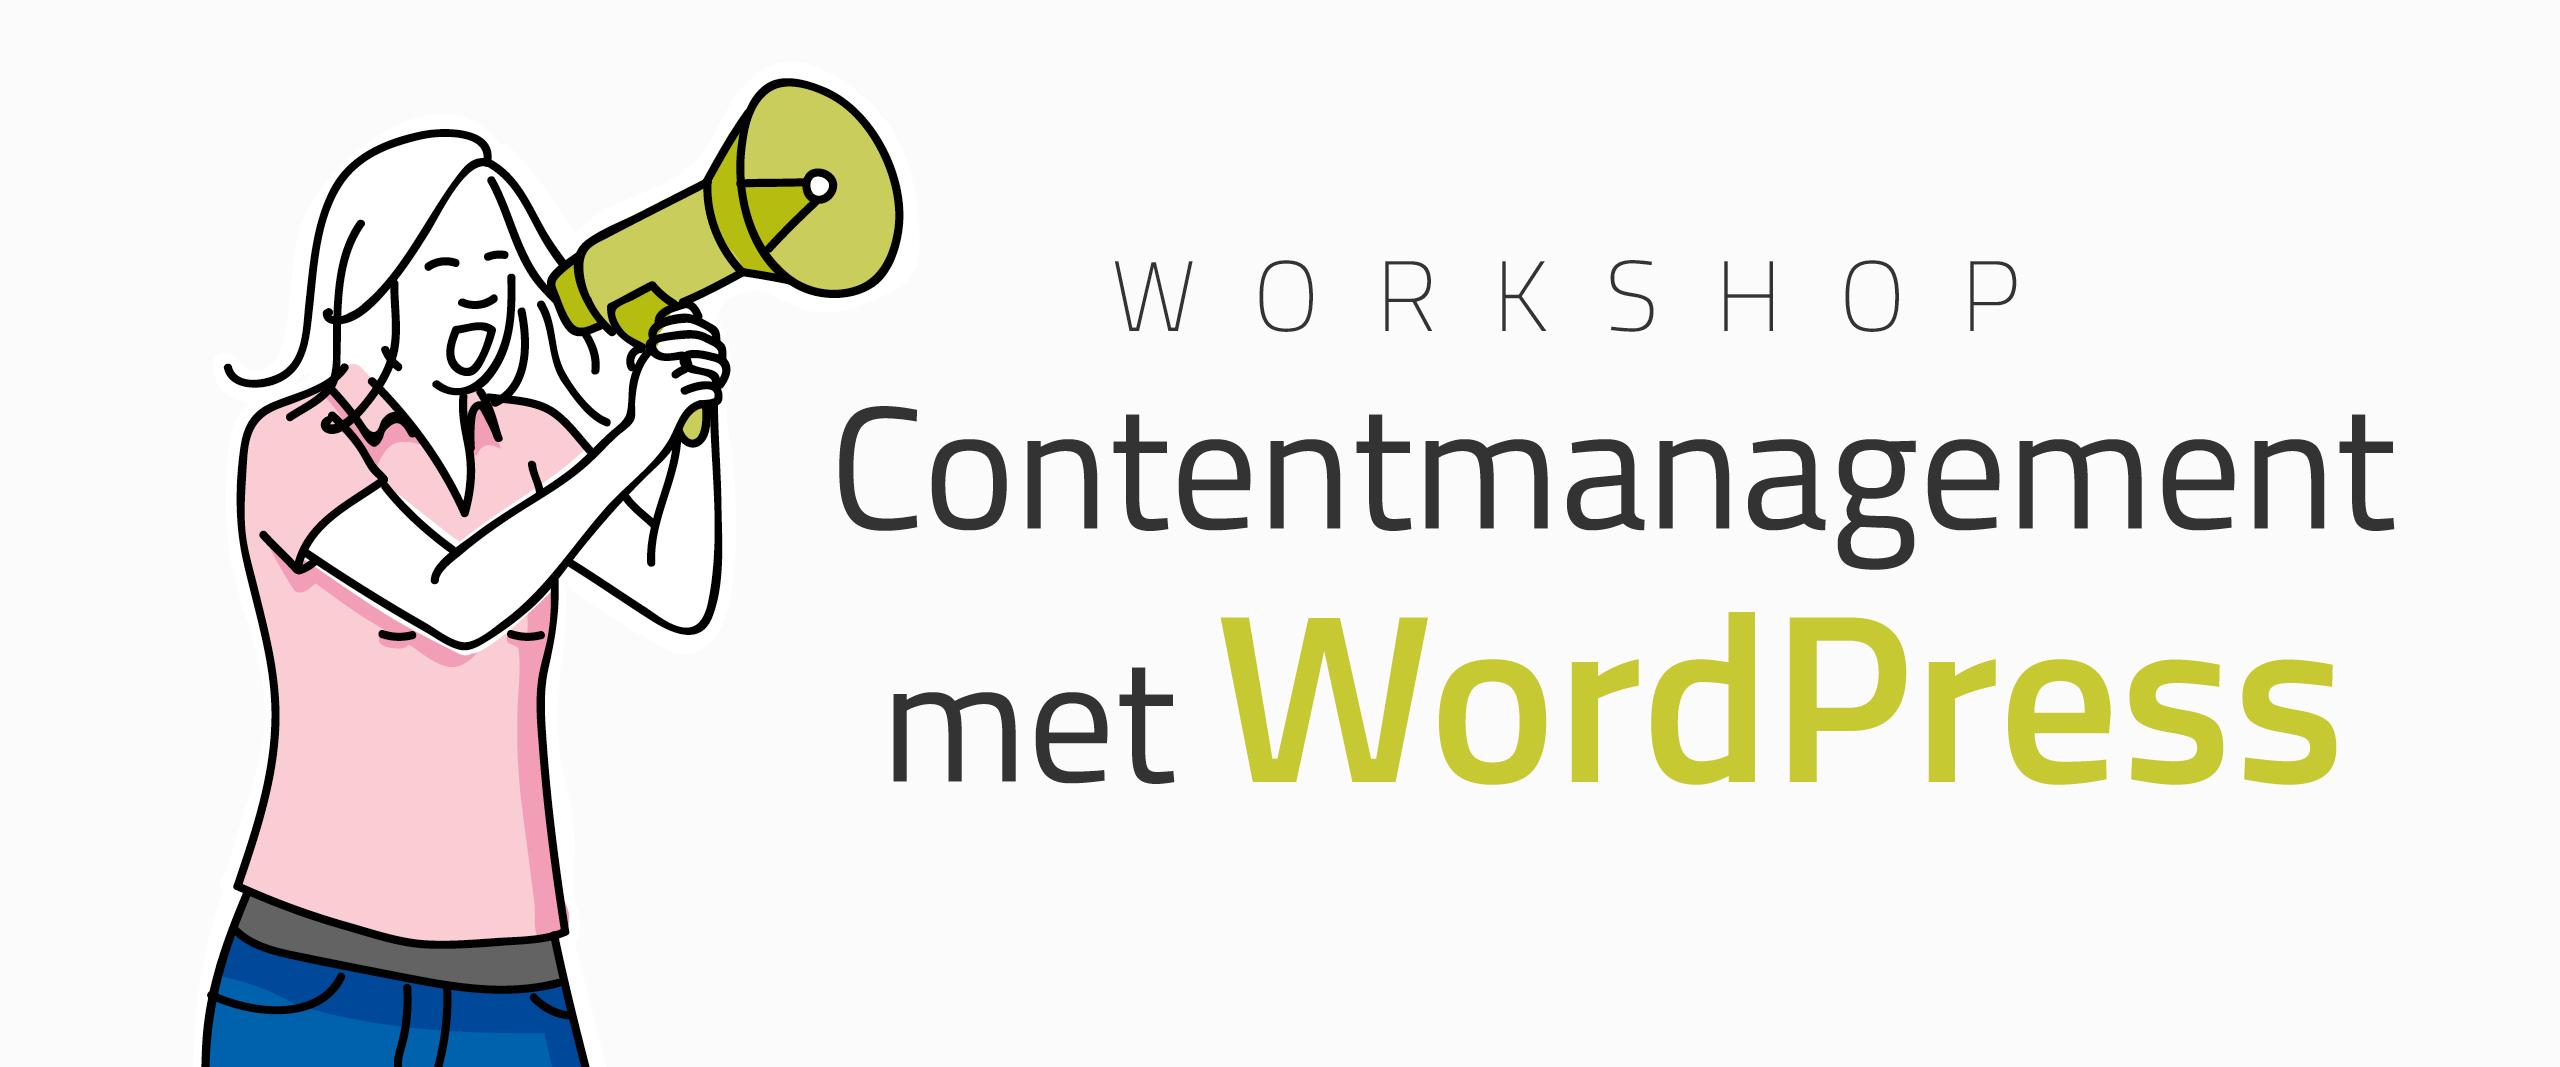 Eline_Workshop-Contentmanagement_met_WordPress